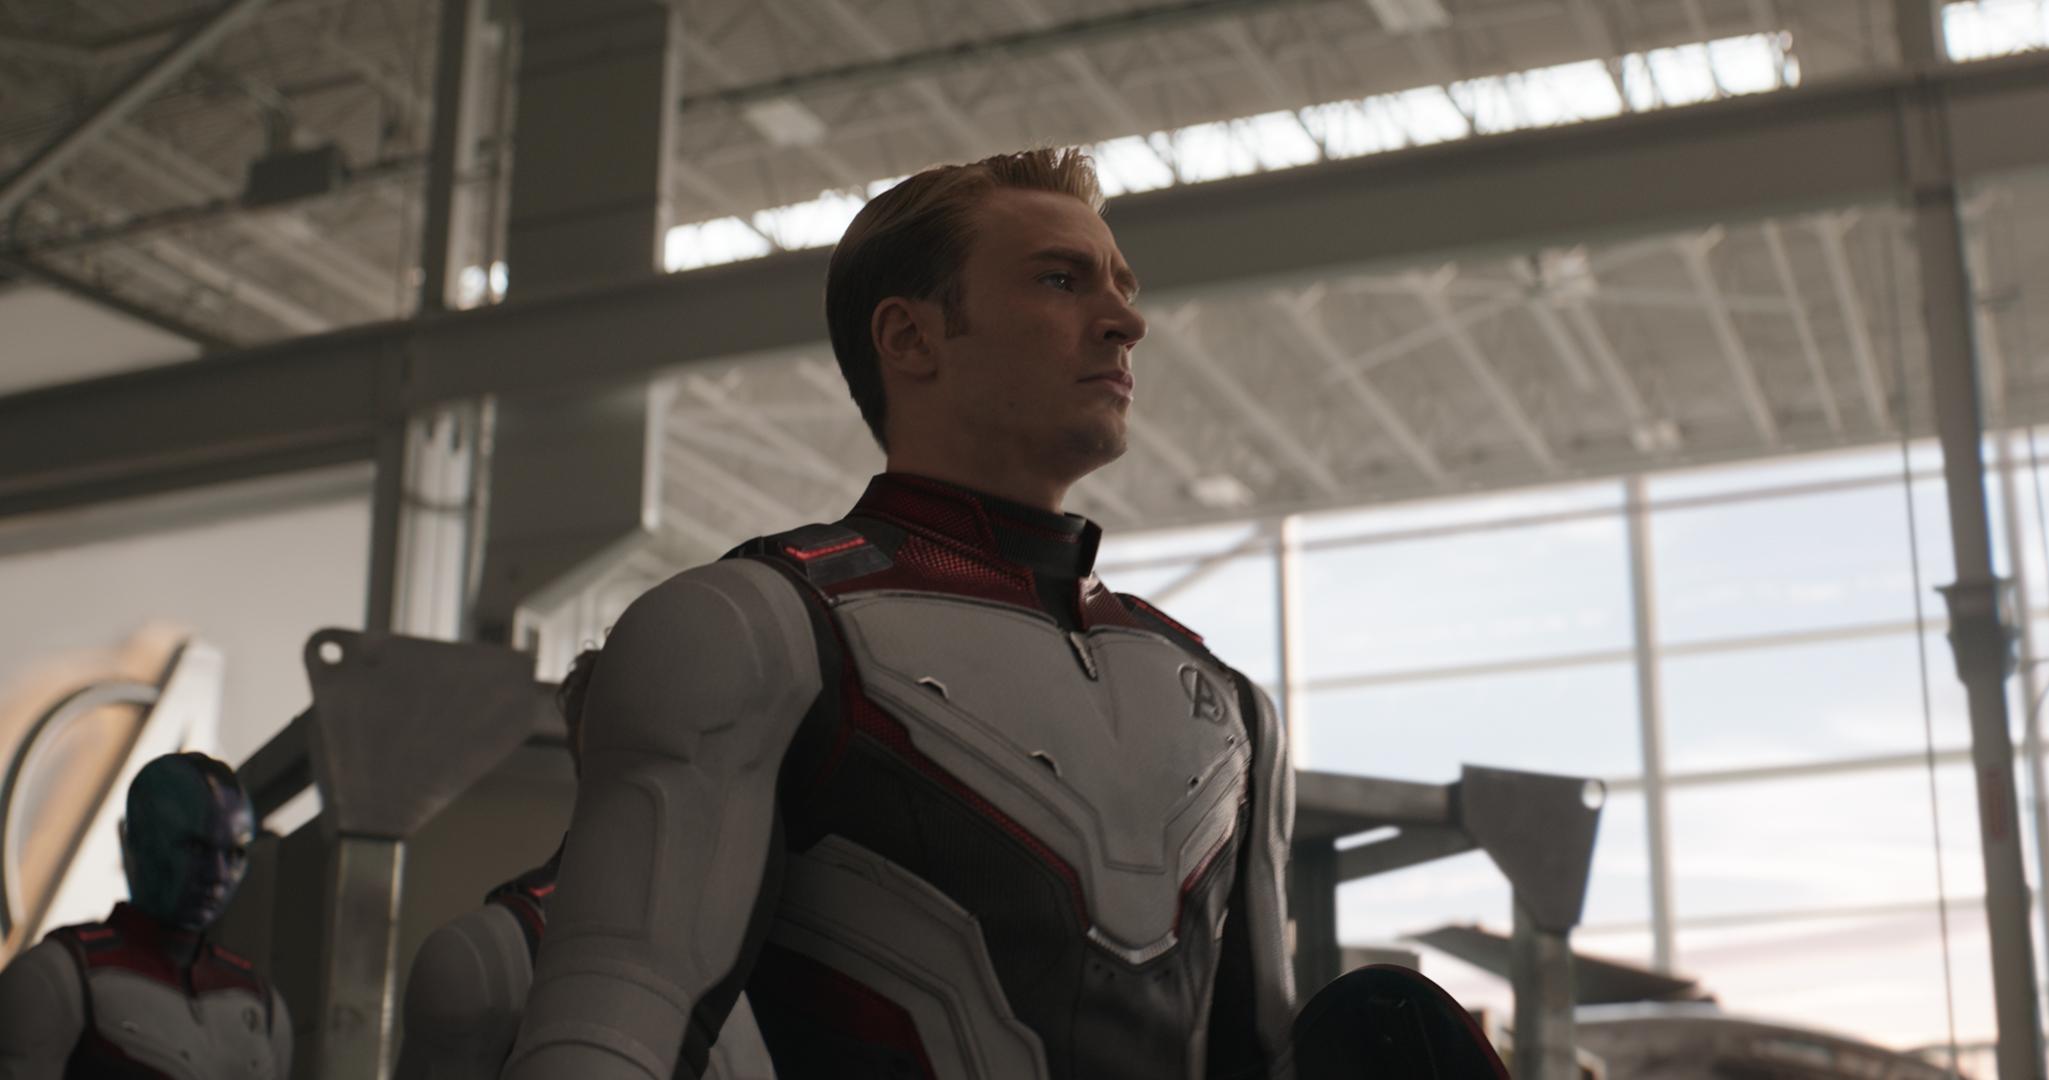 Chris Evans as Captain America and Karen Gillan as Nebula in a scene from Avengers: Endgame.